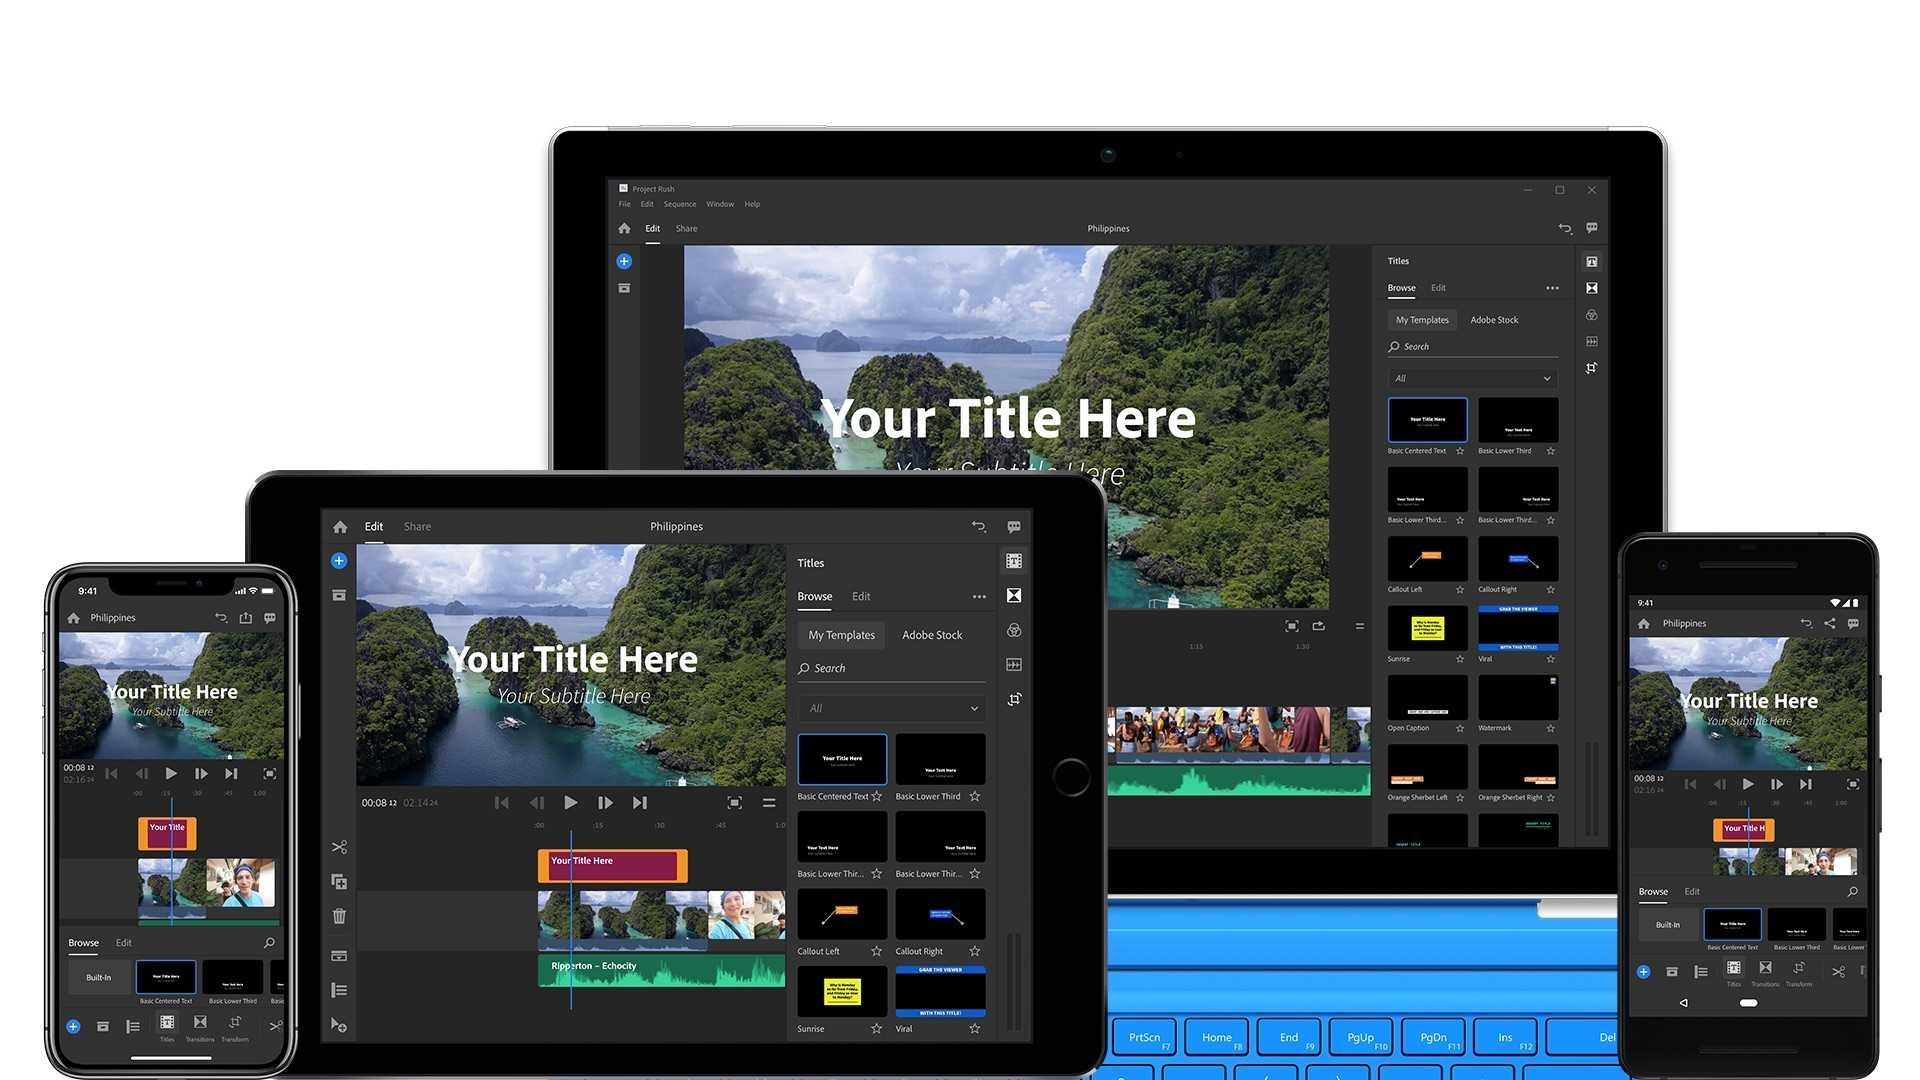 Project Rush soll noch in diesem Jahr für Desktop- und Mobil-Geräte erscheinen. Ziel ist die plattformübergreifende, cloudgestützte Videobearbeitung.